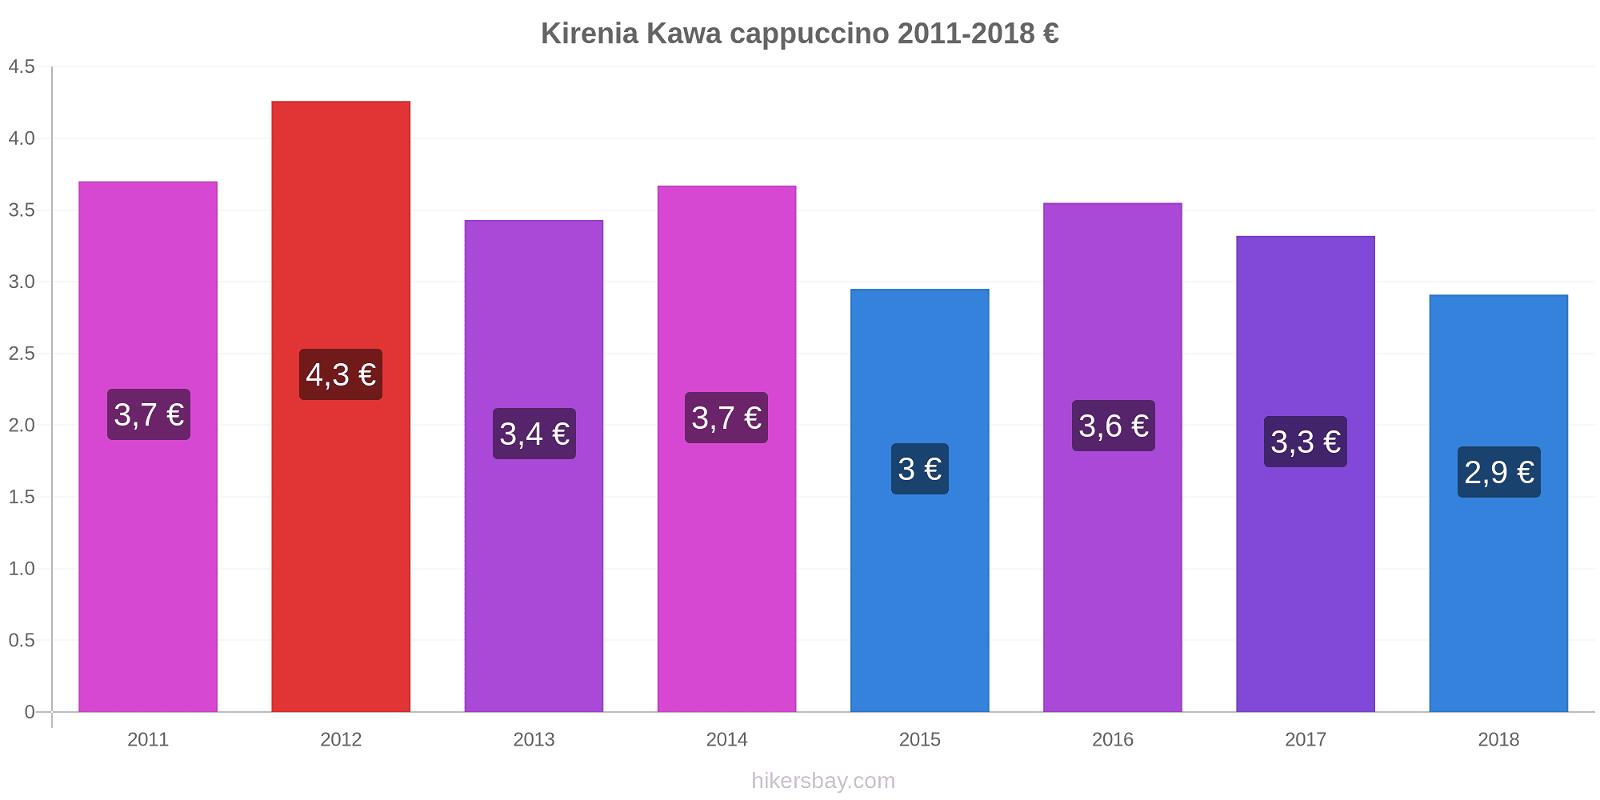 Kirenia zmiany cen Kawa cappuccino hikersbay.com